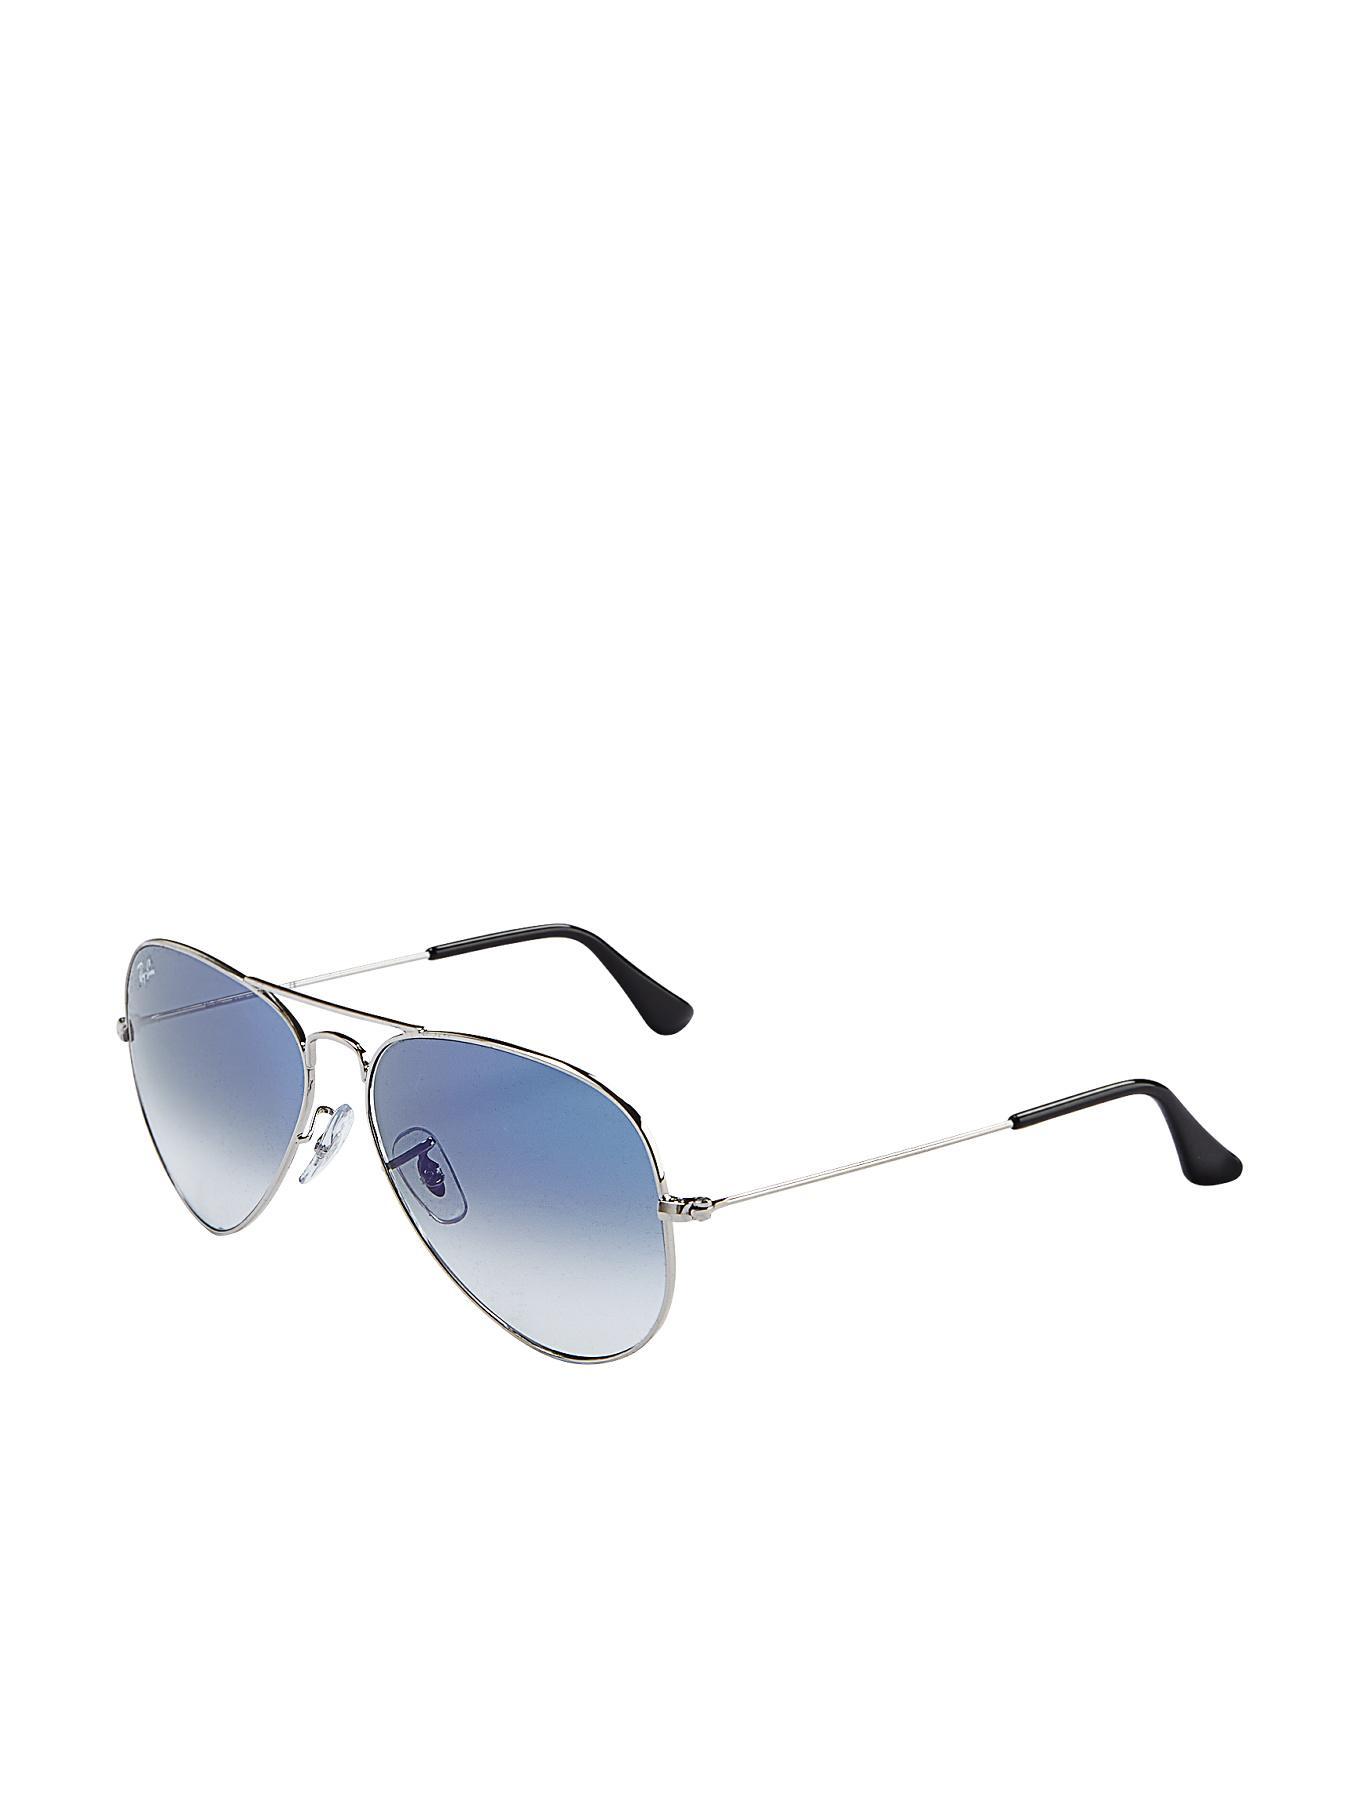 Ray-Ban Aviator Sunglasses - Silver - Silver, Silver